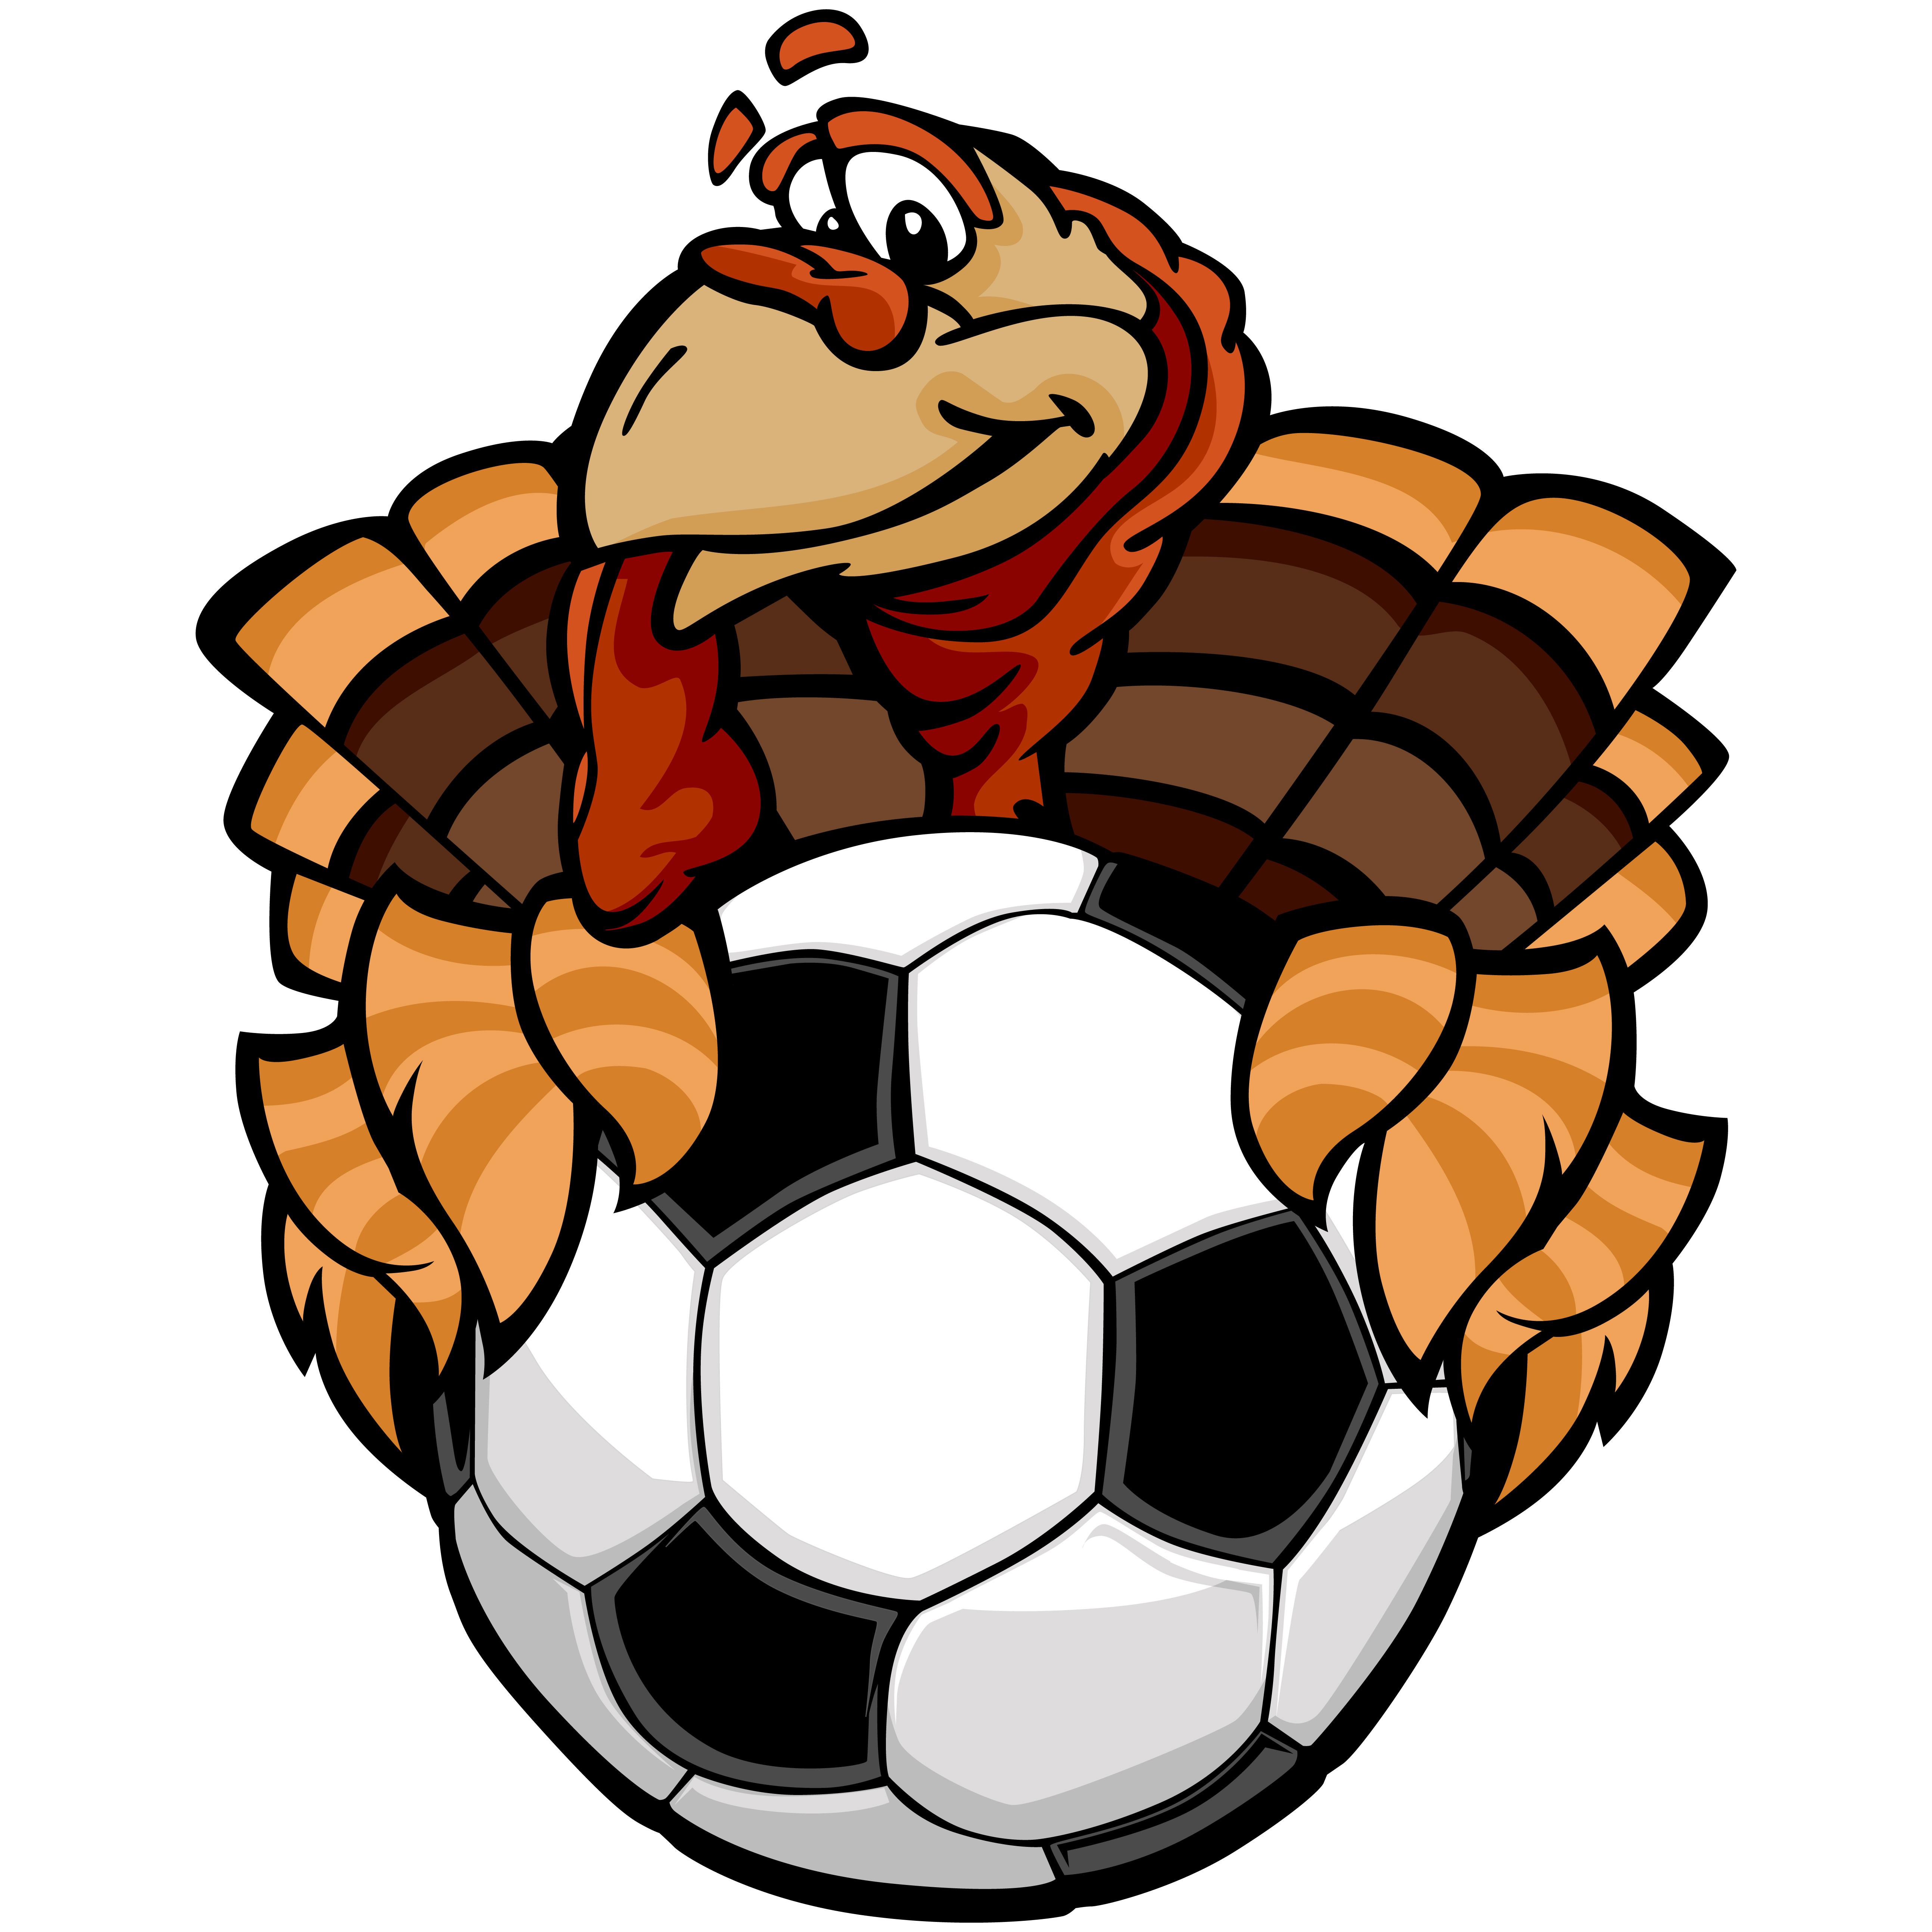 Thanksgiving Turkey Football Clip Art Thanksgiving Turkey | Etsy